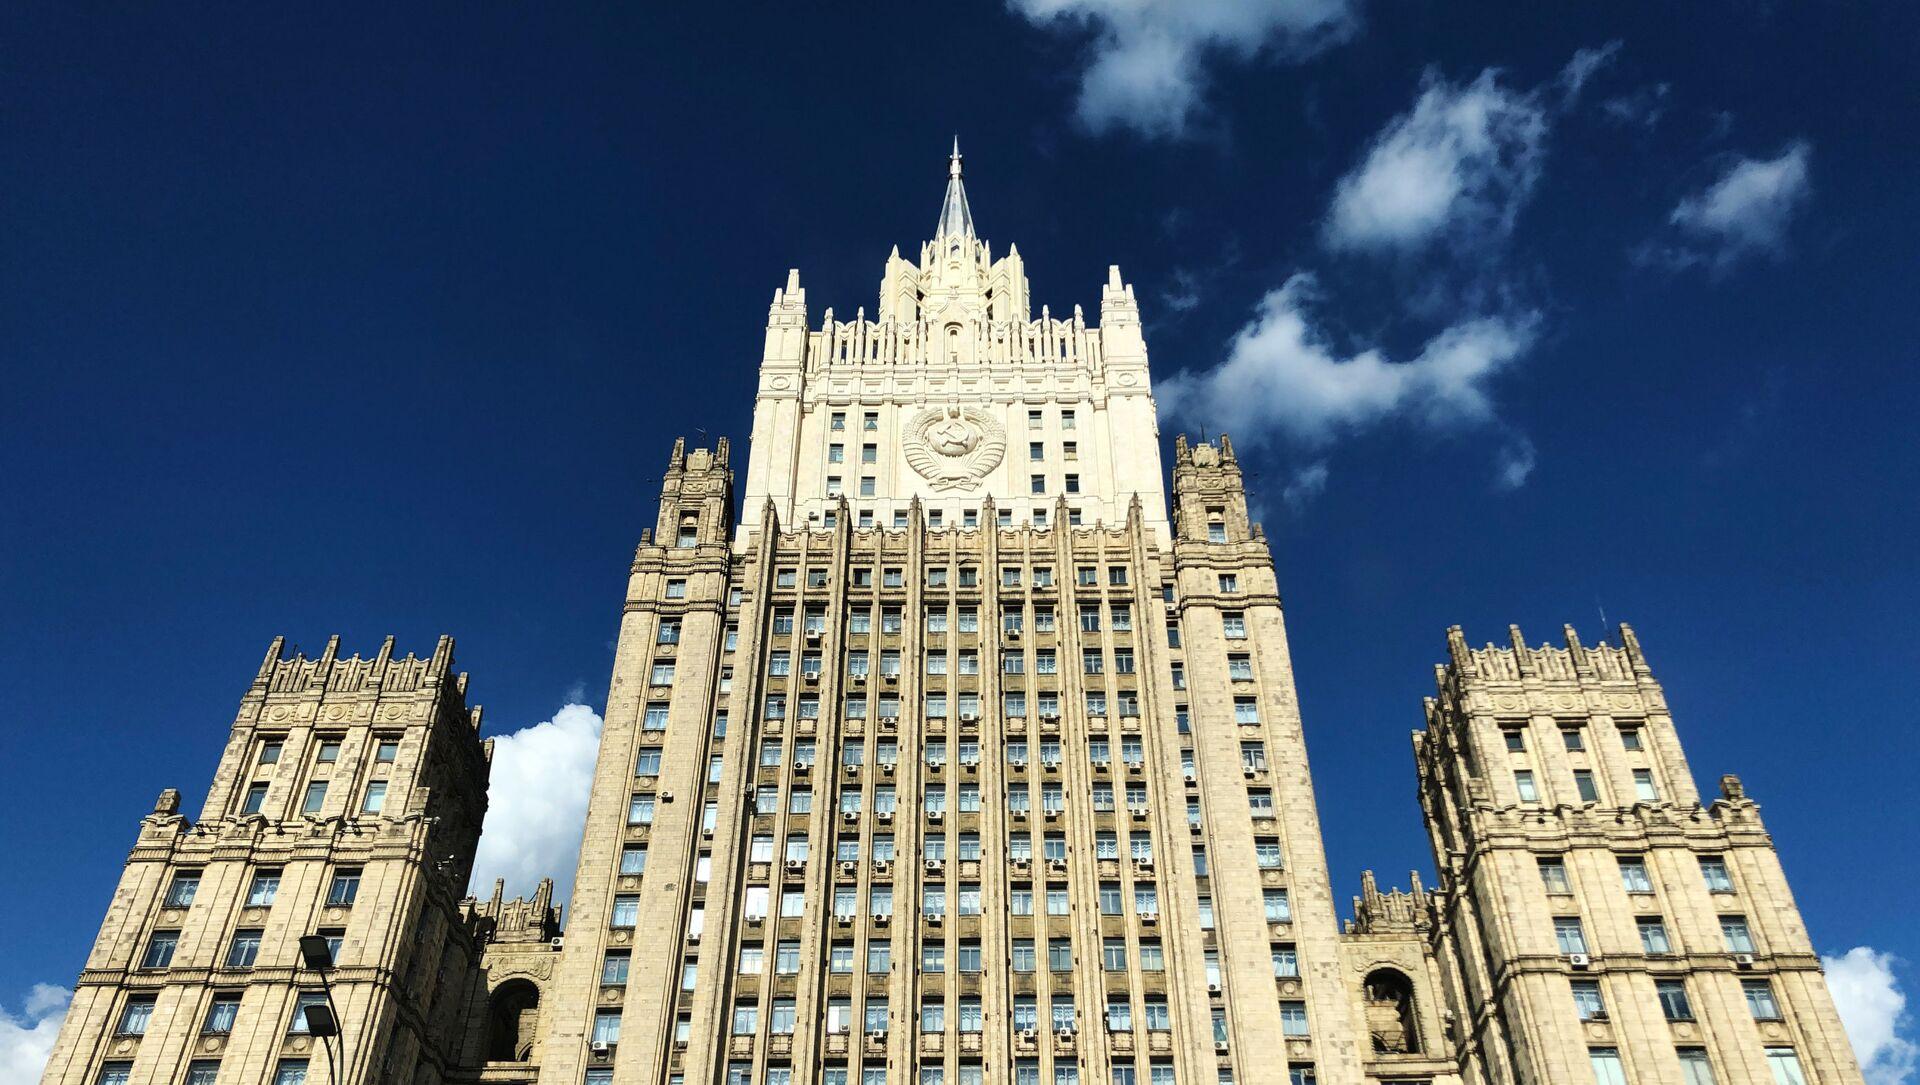 Здание Министерства иностранных дел РФ, фото из архива - Sputnik Азербайджан, 1920, 18.07.2021